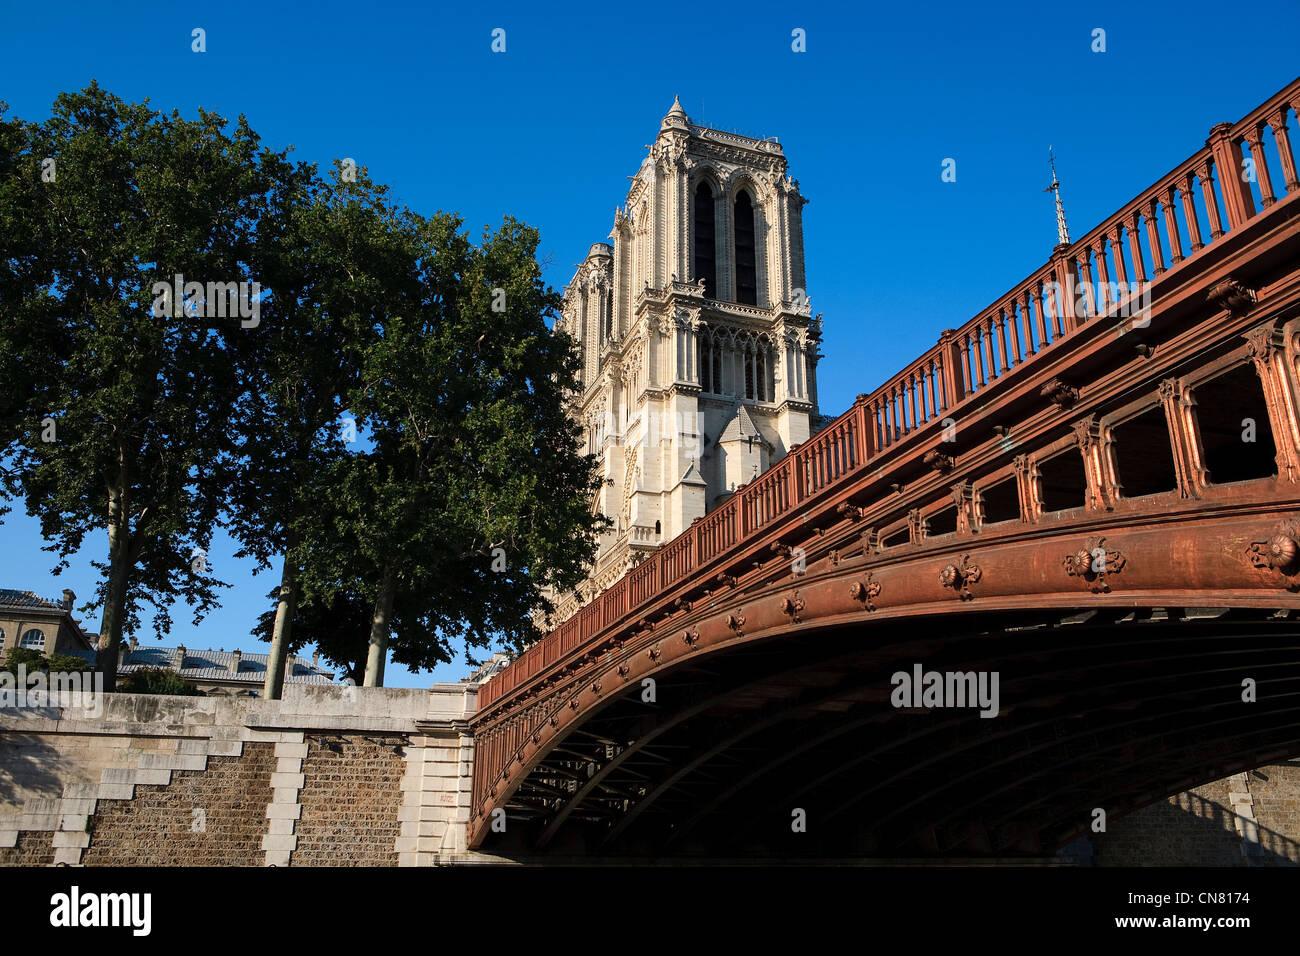 France, Paris, the Seine river banks, listed as World Heritage by UNESCO, the Pont au Double and Notre Dame de Paris - Stock Image